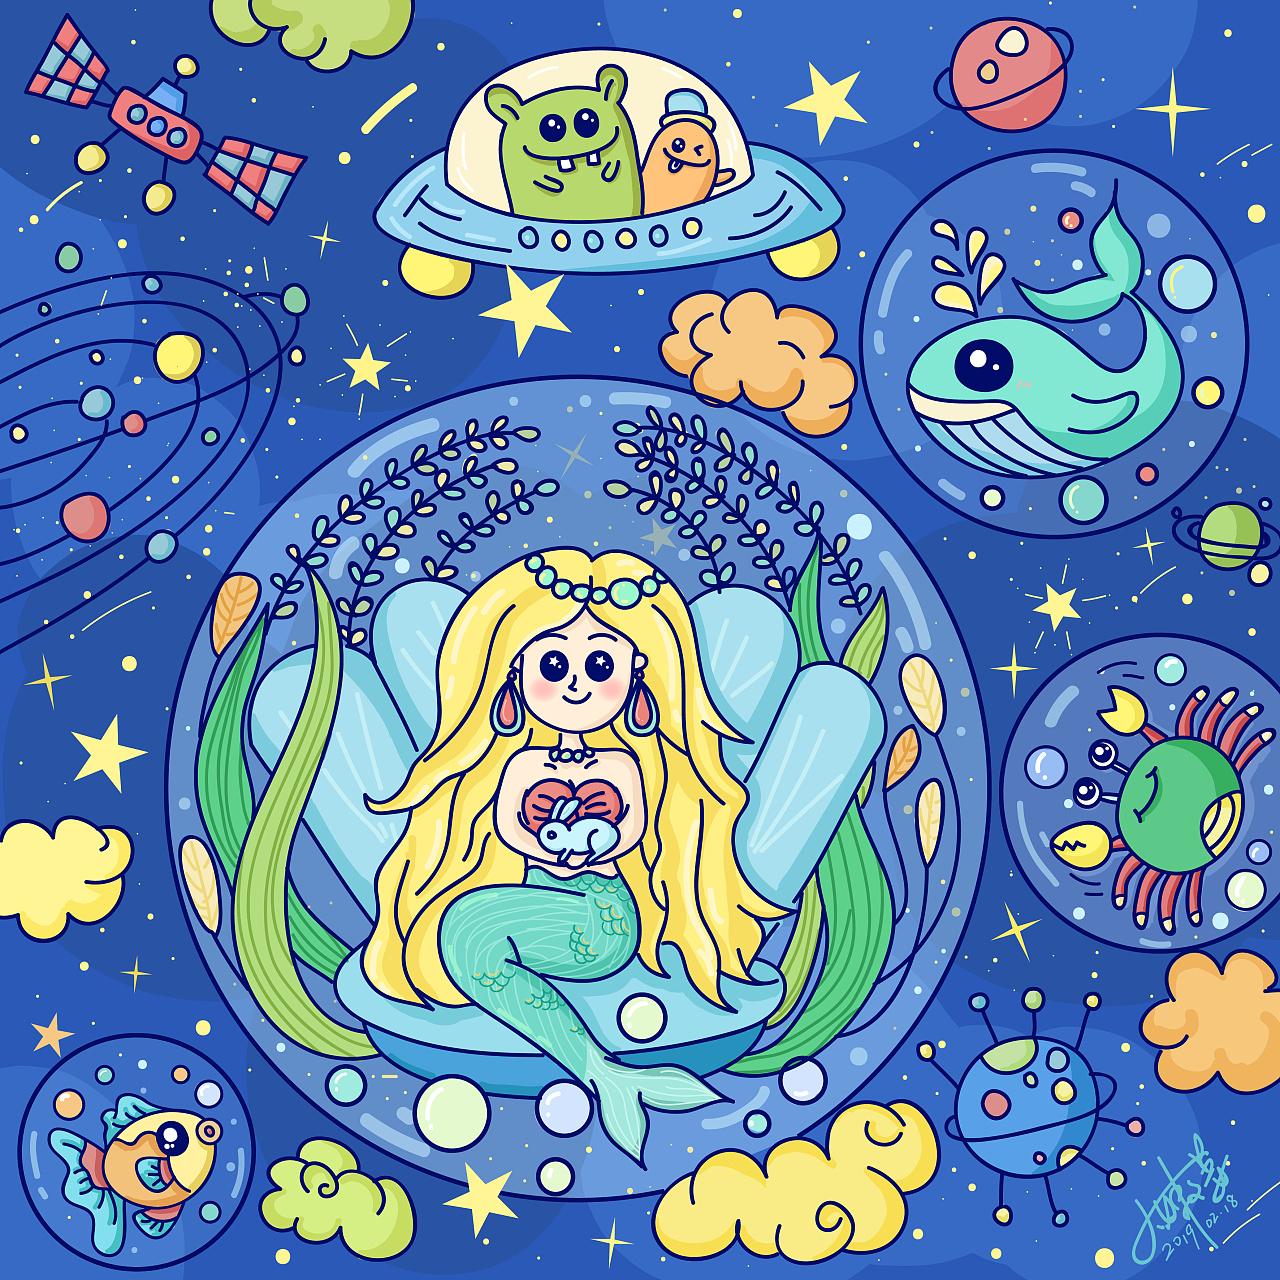 小小美人鱼,和亲爱的小伙伴们一起去看星星啦